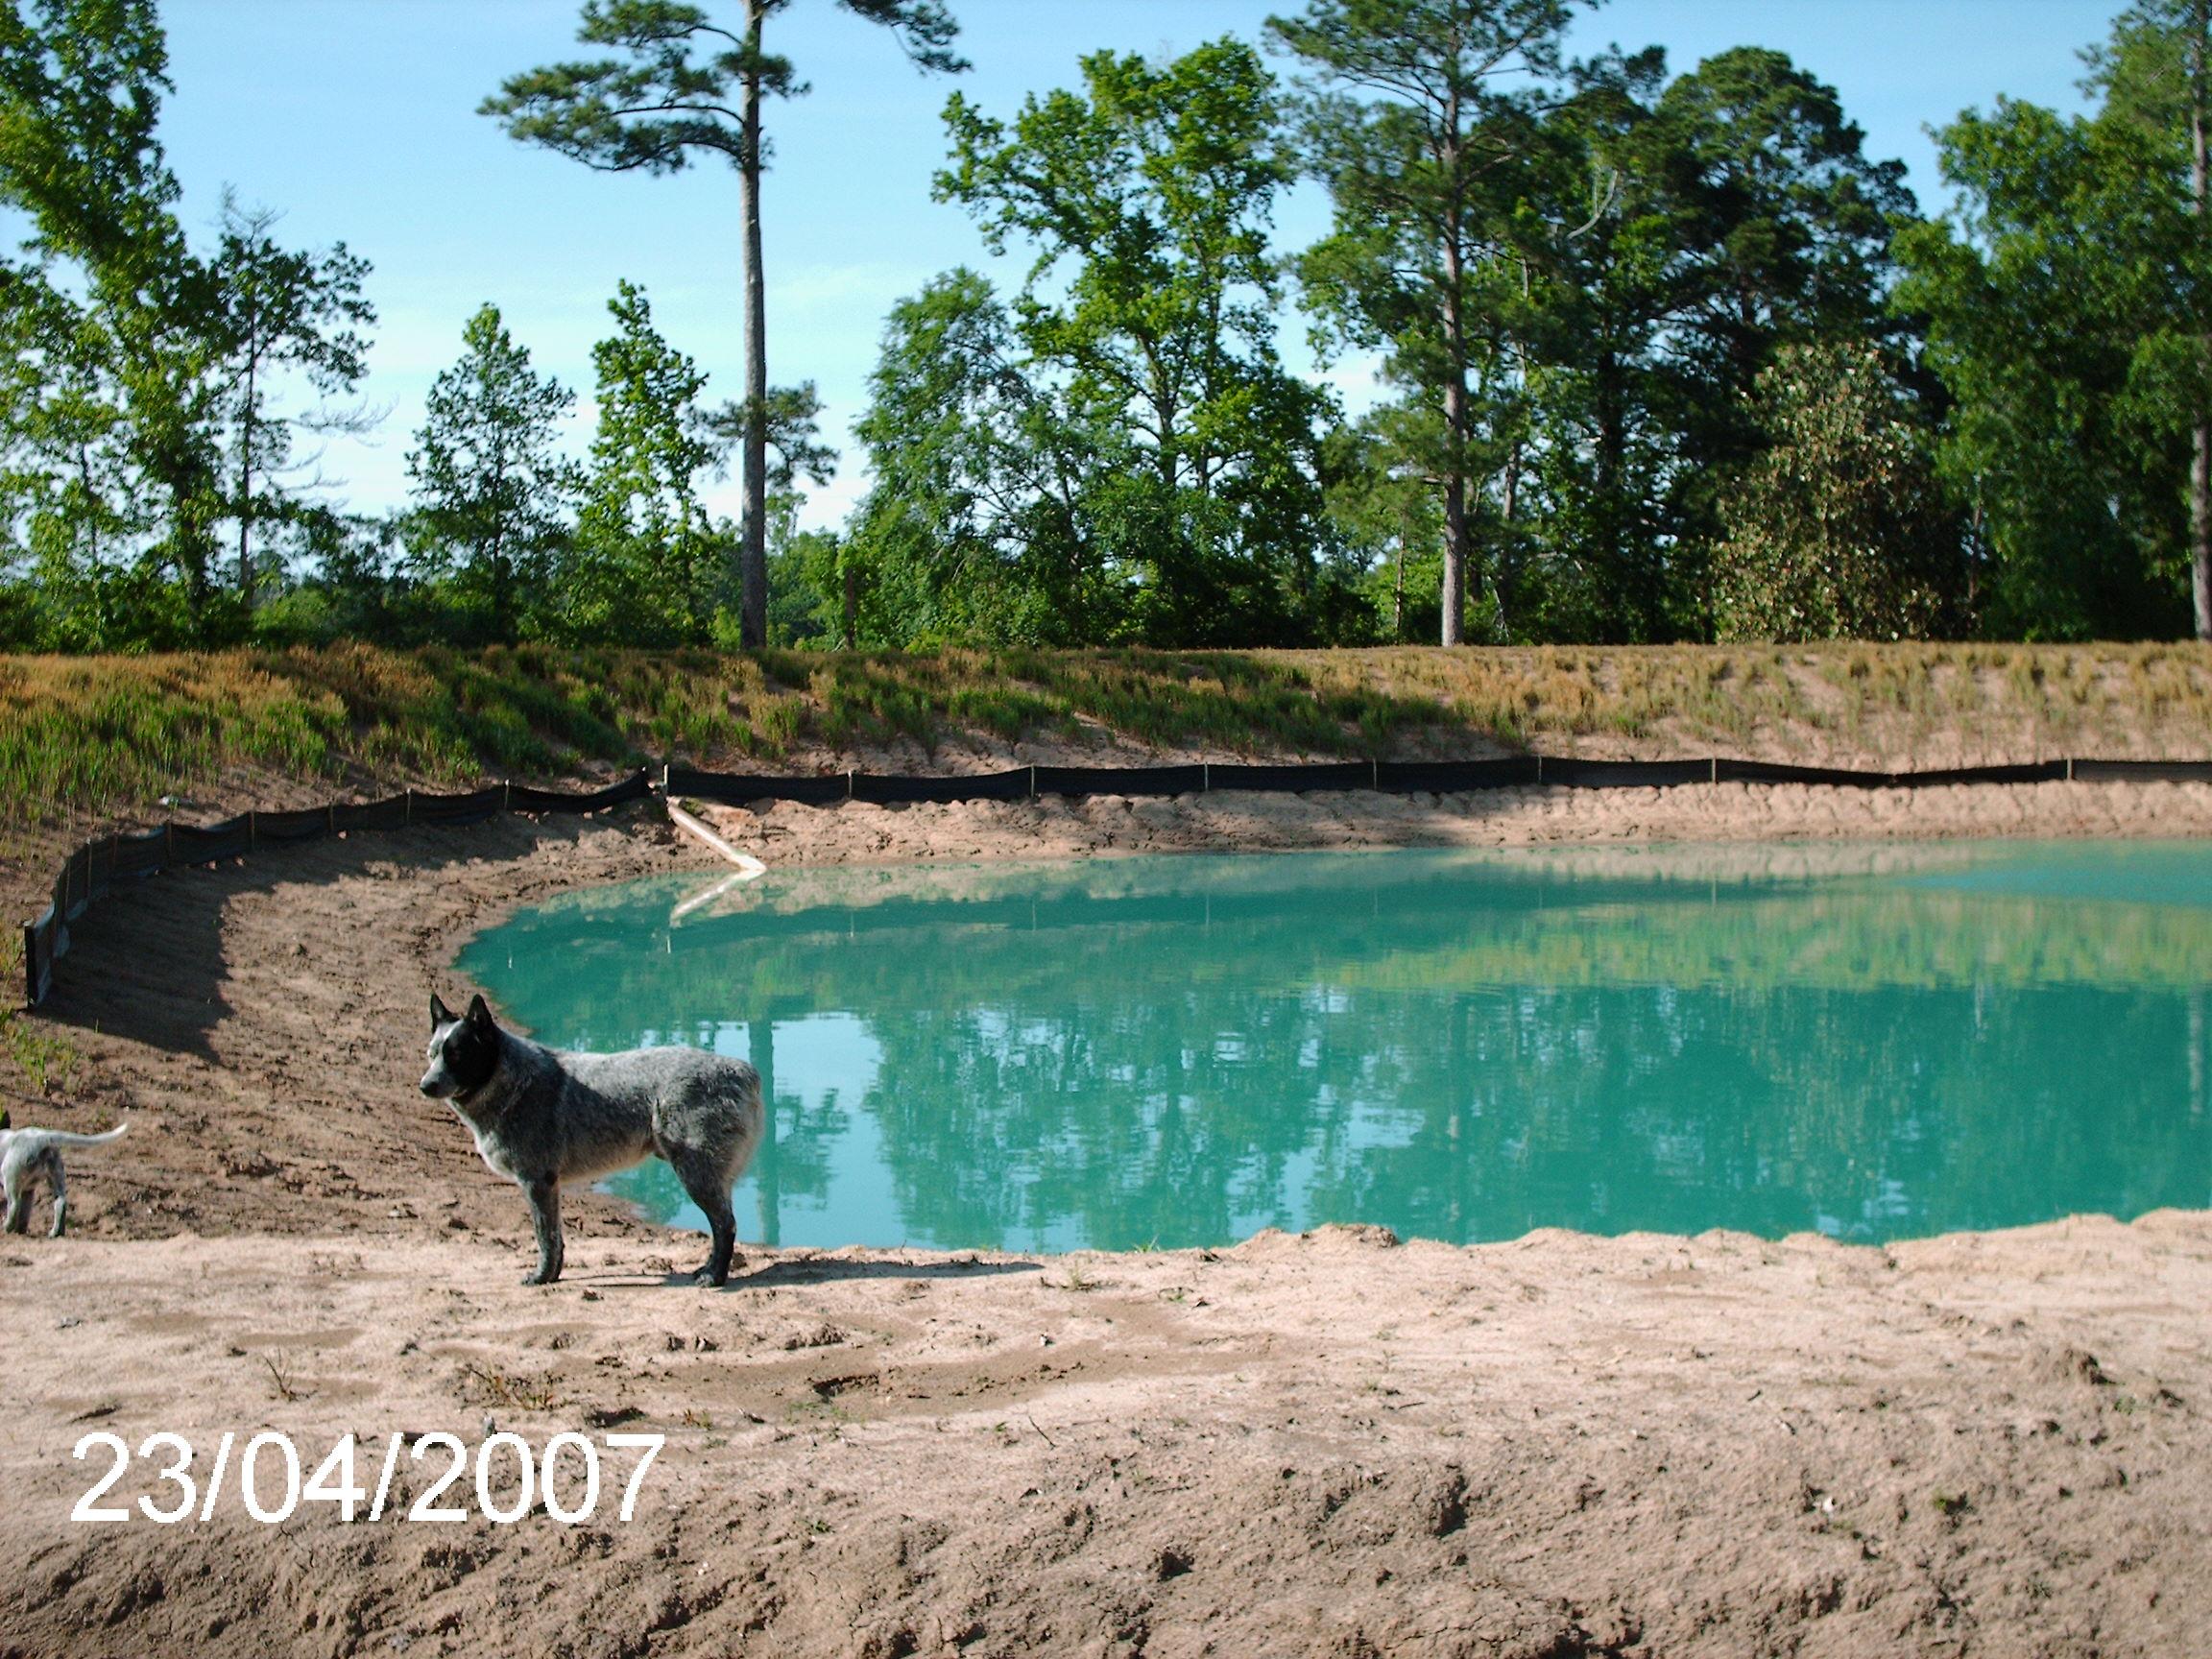 Texas Dozer Pasture Brush Clearing Ponds Stump